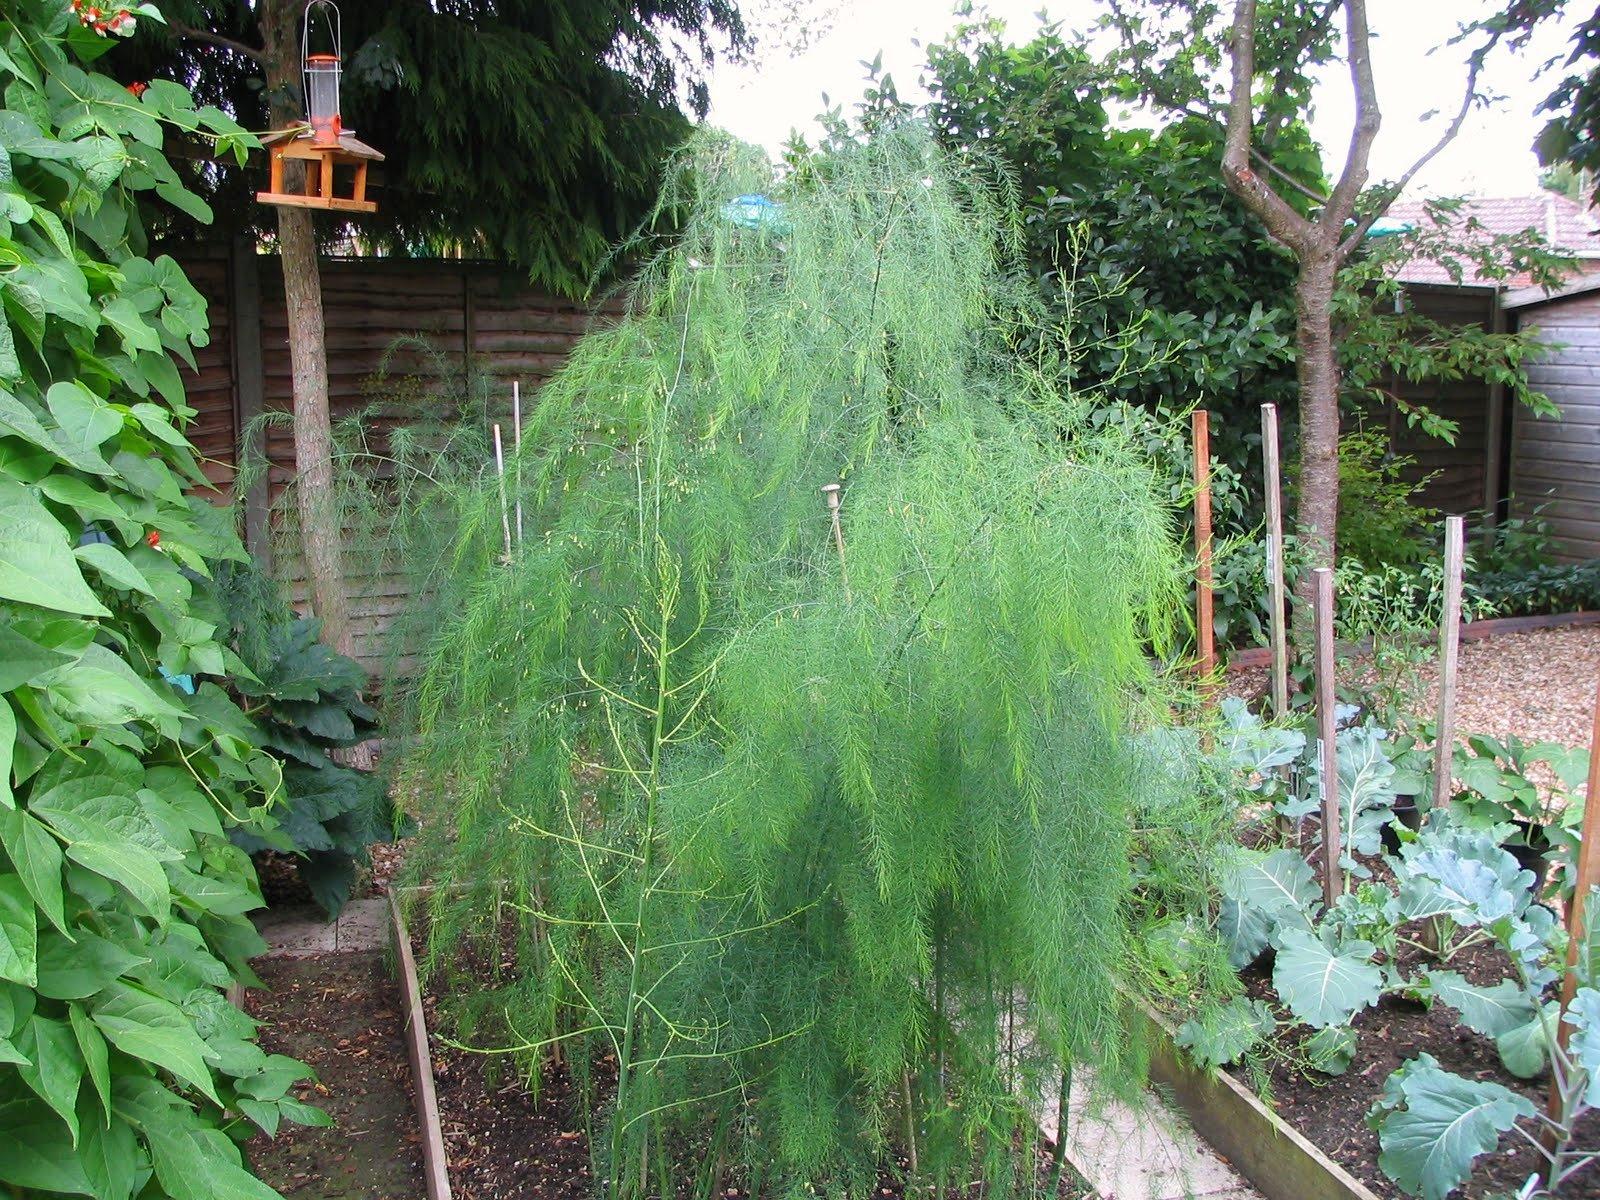 Mark's Veg Plot: The end of the Asparagus season Planting Asparagus In The Fall